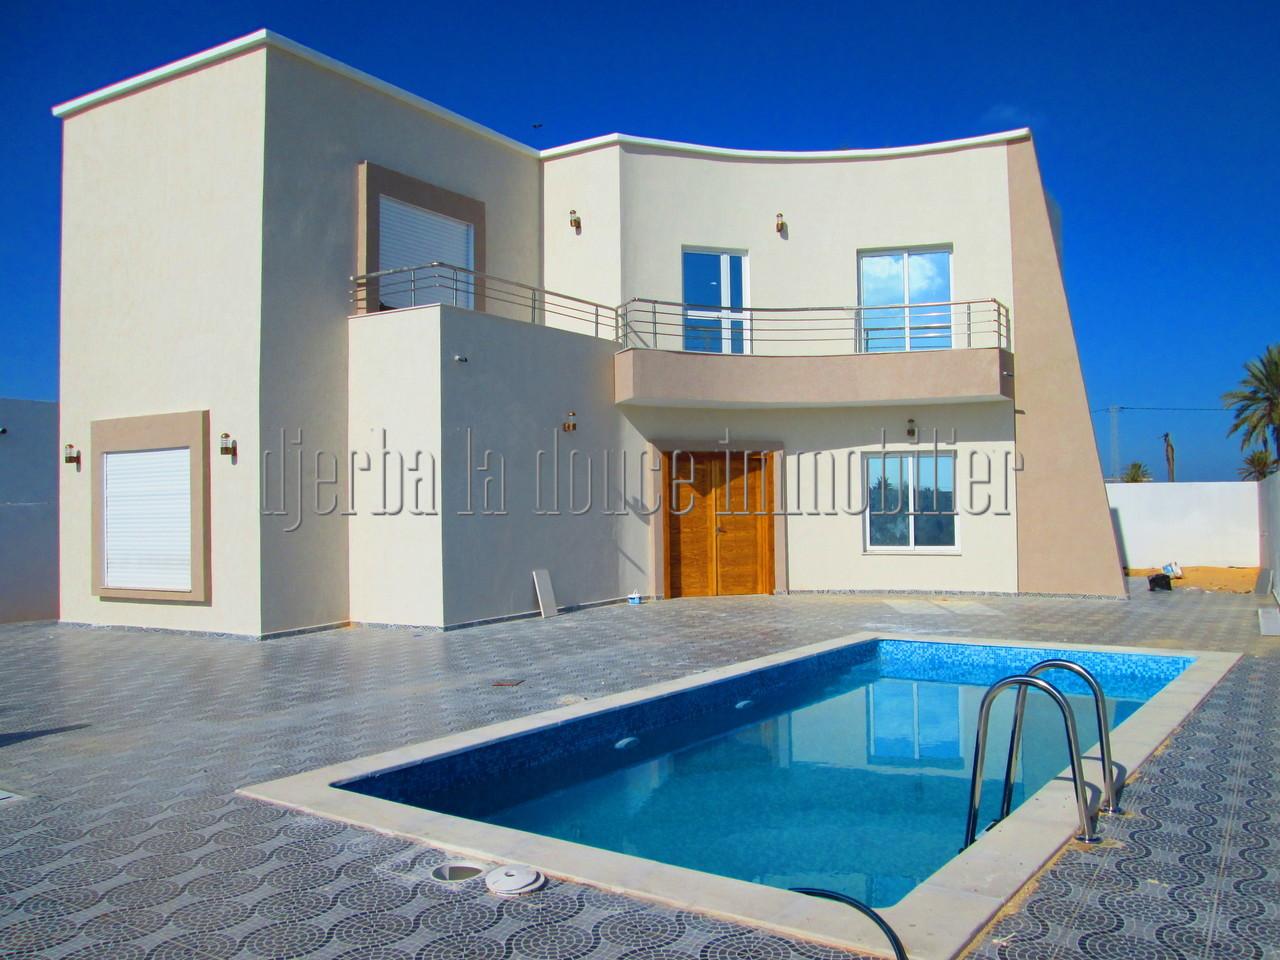 A vendre maison Titrée à étage toute neuve à Djerba Midoun Temlel route de Tézdaïne